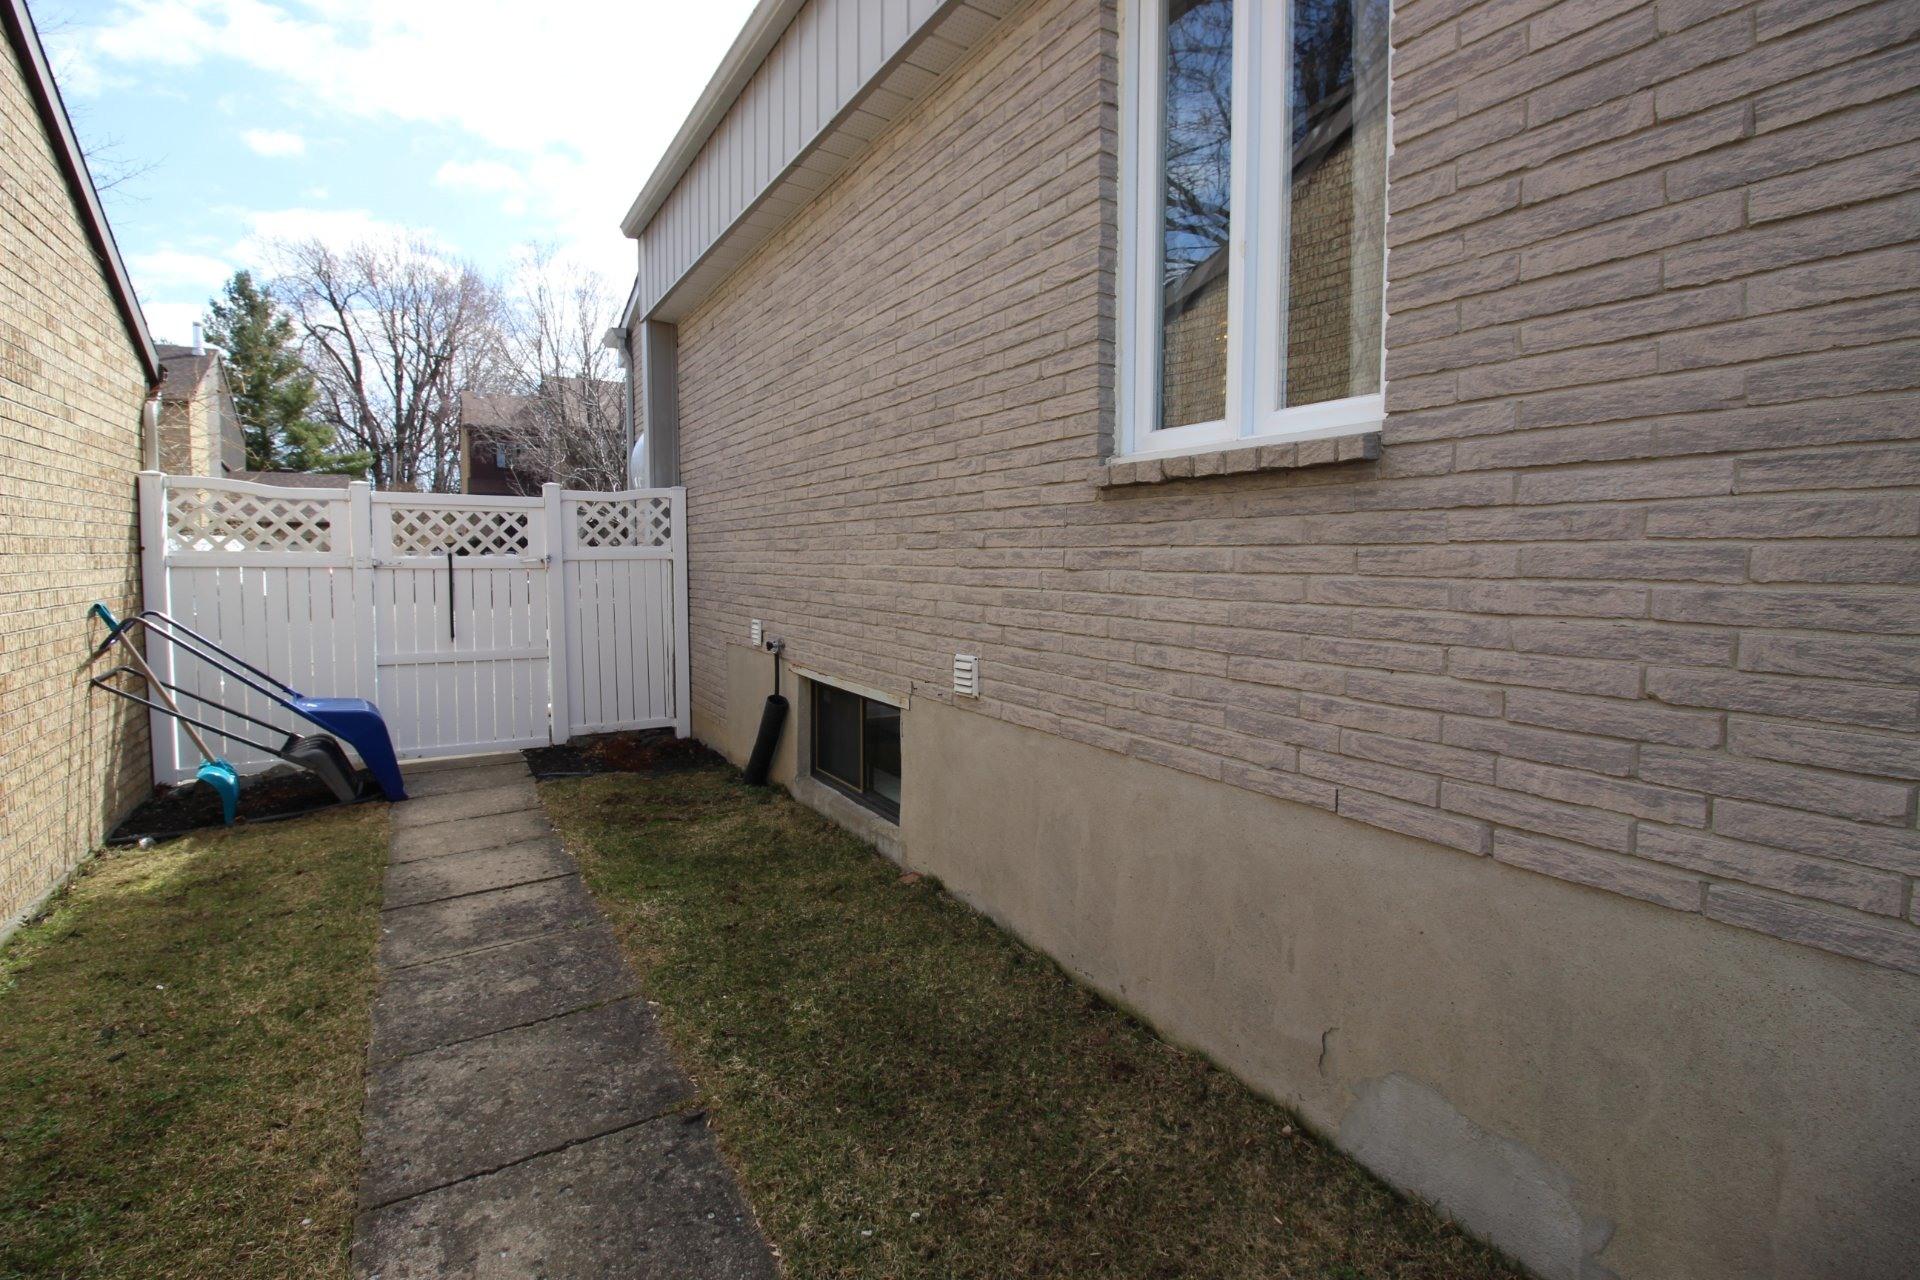 image 25 - Maison À vendre Rivière-des-Prairies/Pointe-aux-Trembles Montréal  - 8 pièces